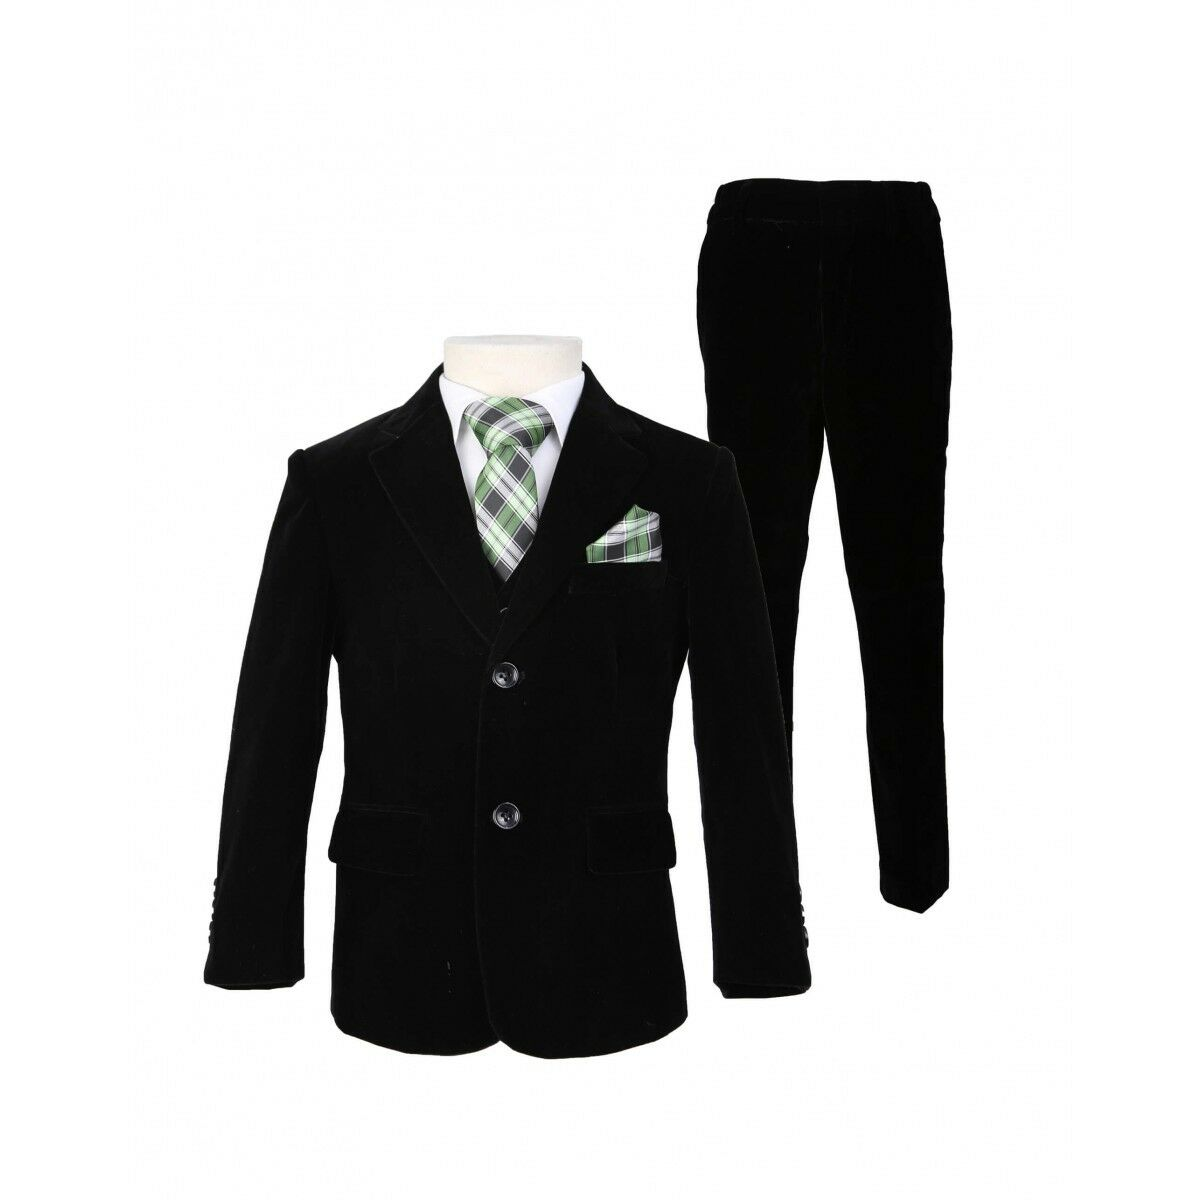 Garçons costume noir garçons costumes de garçons cheap costume 5 Piece Costume De Mariage Pageboy baby